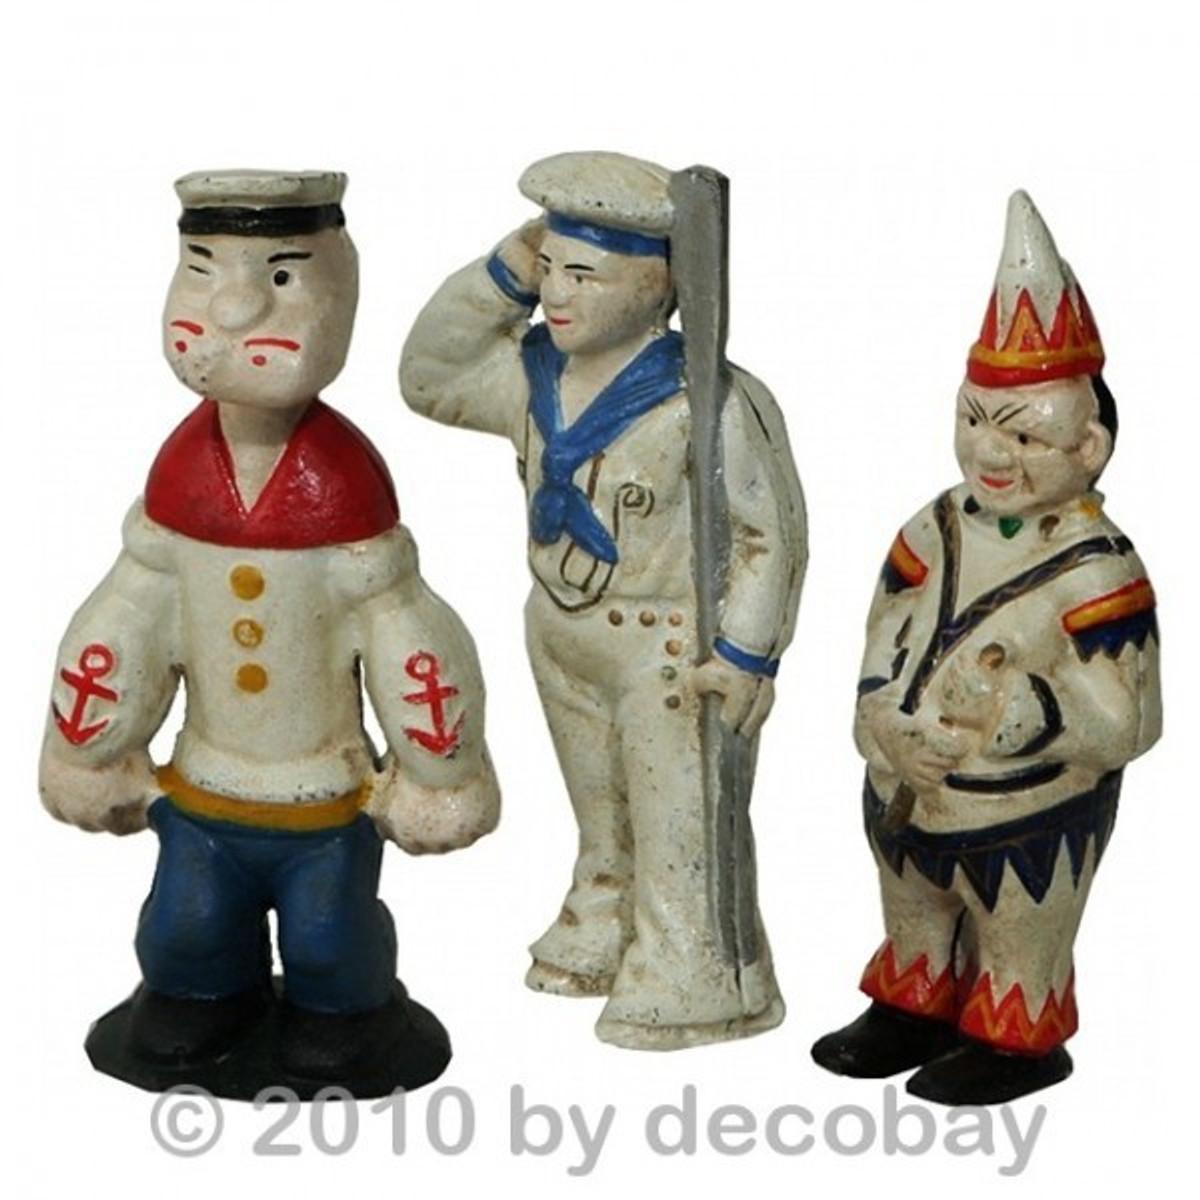 Spardosen Figuren Set Gusseisen im 3er Set. Tolle Geschenkidee für Popeye Fans.